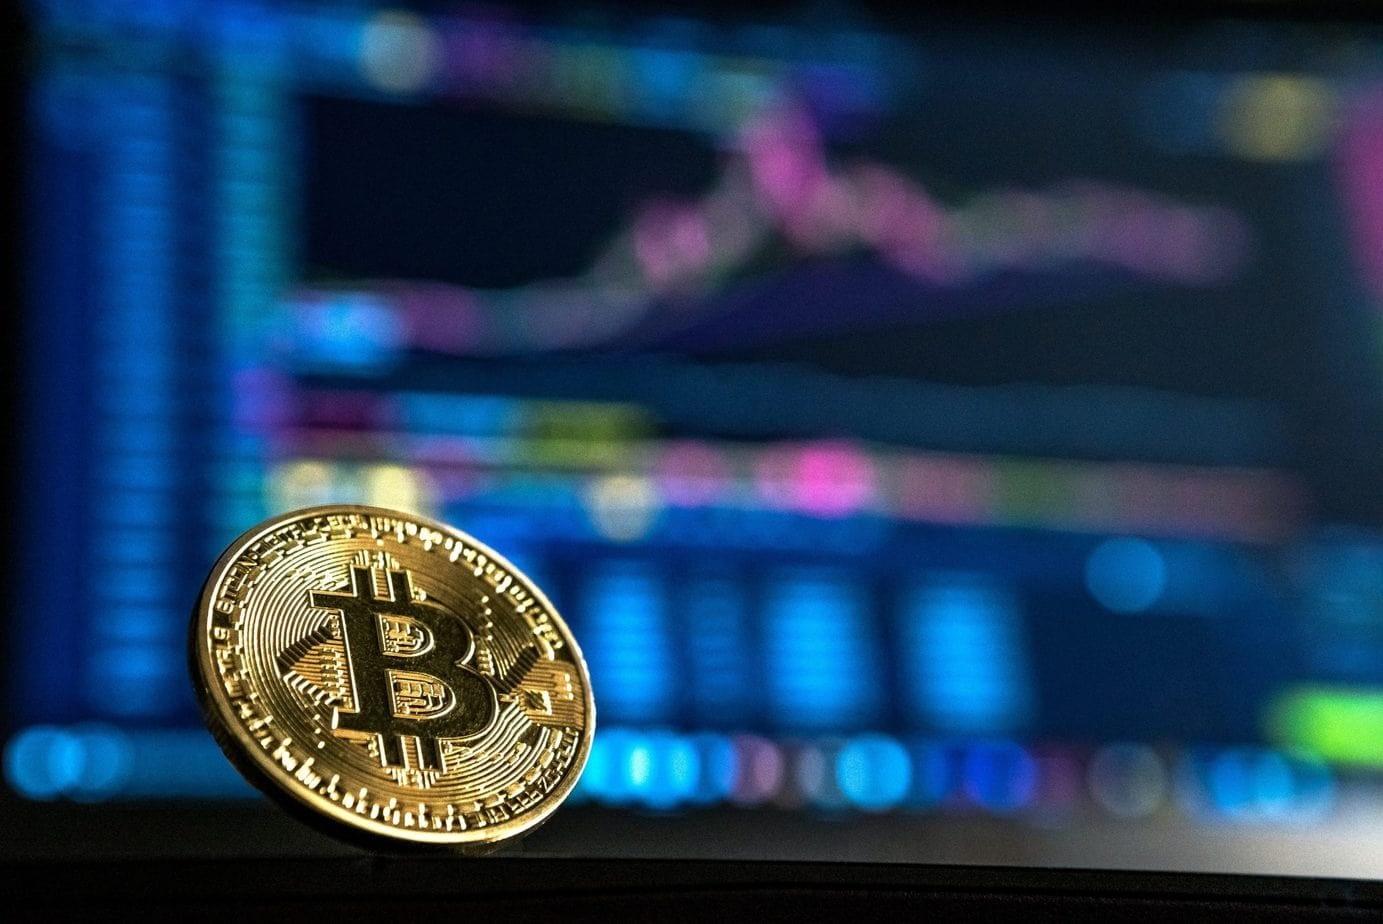 Kan man köpa bitcoin med kreditkort?